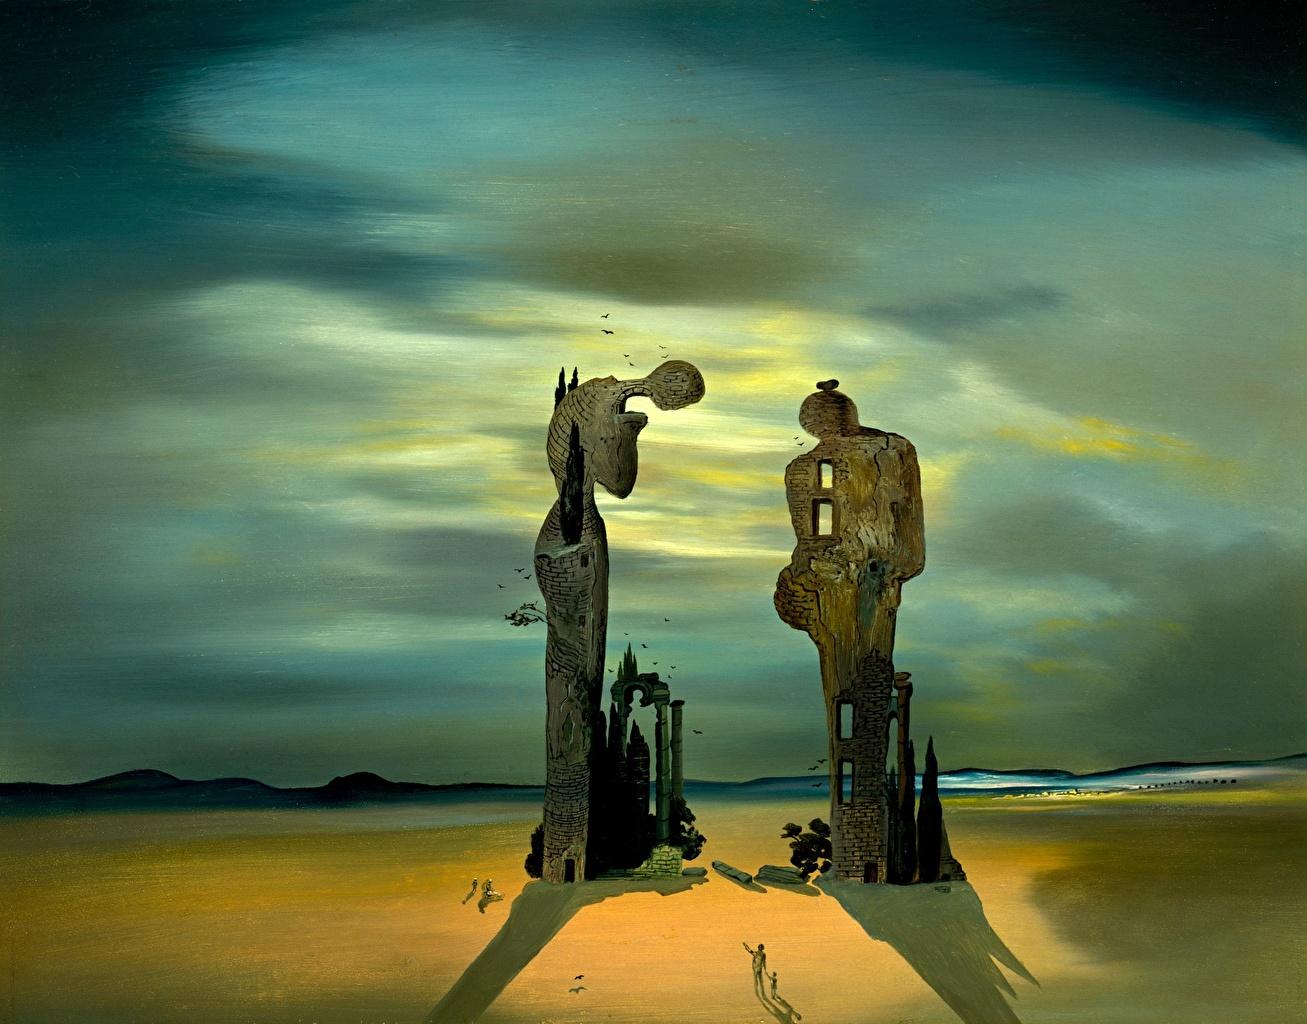 ミレーの晩鐘の古代学的回想